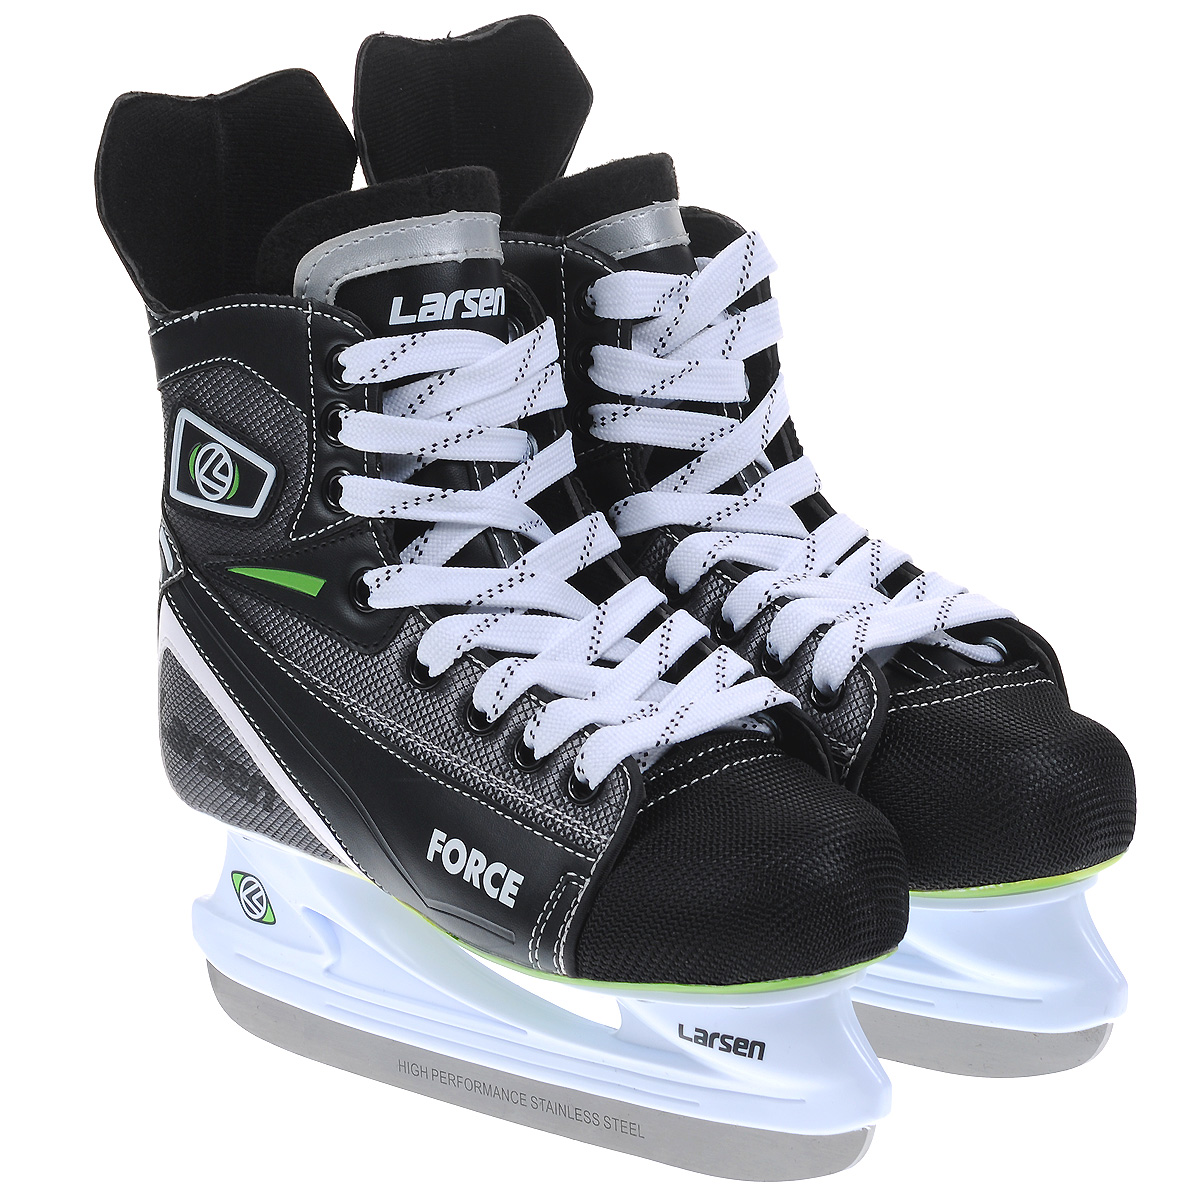 Коньки хоккейные Larsen Force, цвет: черный, серый. Размер 45ForceХоккейные коньки Force от Larsen прекрасно подойдут для начинающих игроков в хоккей. Ботинок выполнен из морозоустойчивого поливинилхлорида, мыс - из полипропилена, который защитит ноги от ударов, покрытого сетчатым нейлоном плотностью 800D. Внутренний слой изготовлен из мягкого материала Cambrelle, который обеспечит тепло и комфорт во время катания, язычок войлочный. Поролоновый утеплитель не позволит вашим ногам замерзнуть. Плотная шнуровка надежно фиксирует модель на ноге. Удобный суппорт голеностопа.Стелька из материала EVA обеспечит комфортное катание.Стойка выполнена из ударопрочного пластика. Лезвие из высокоуглеродистой стали жесткостью HRC 50-52 обеспечит превосходное скольжение.